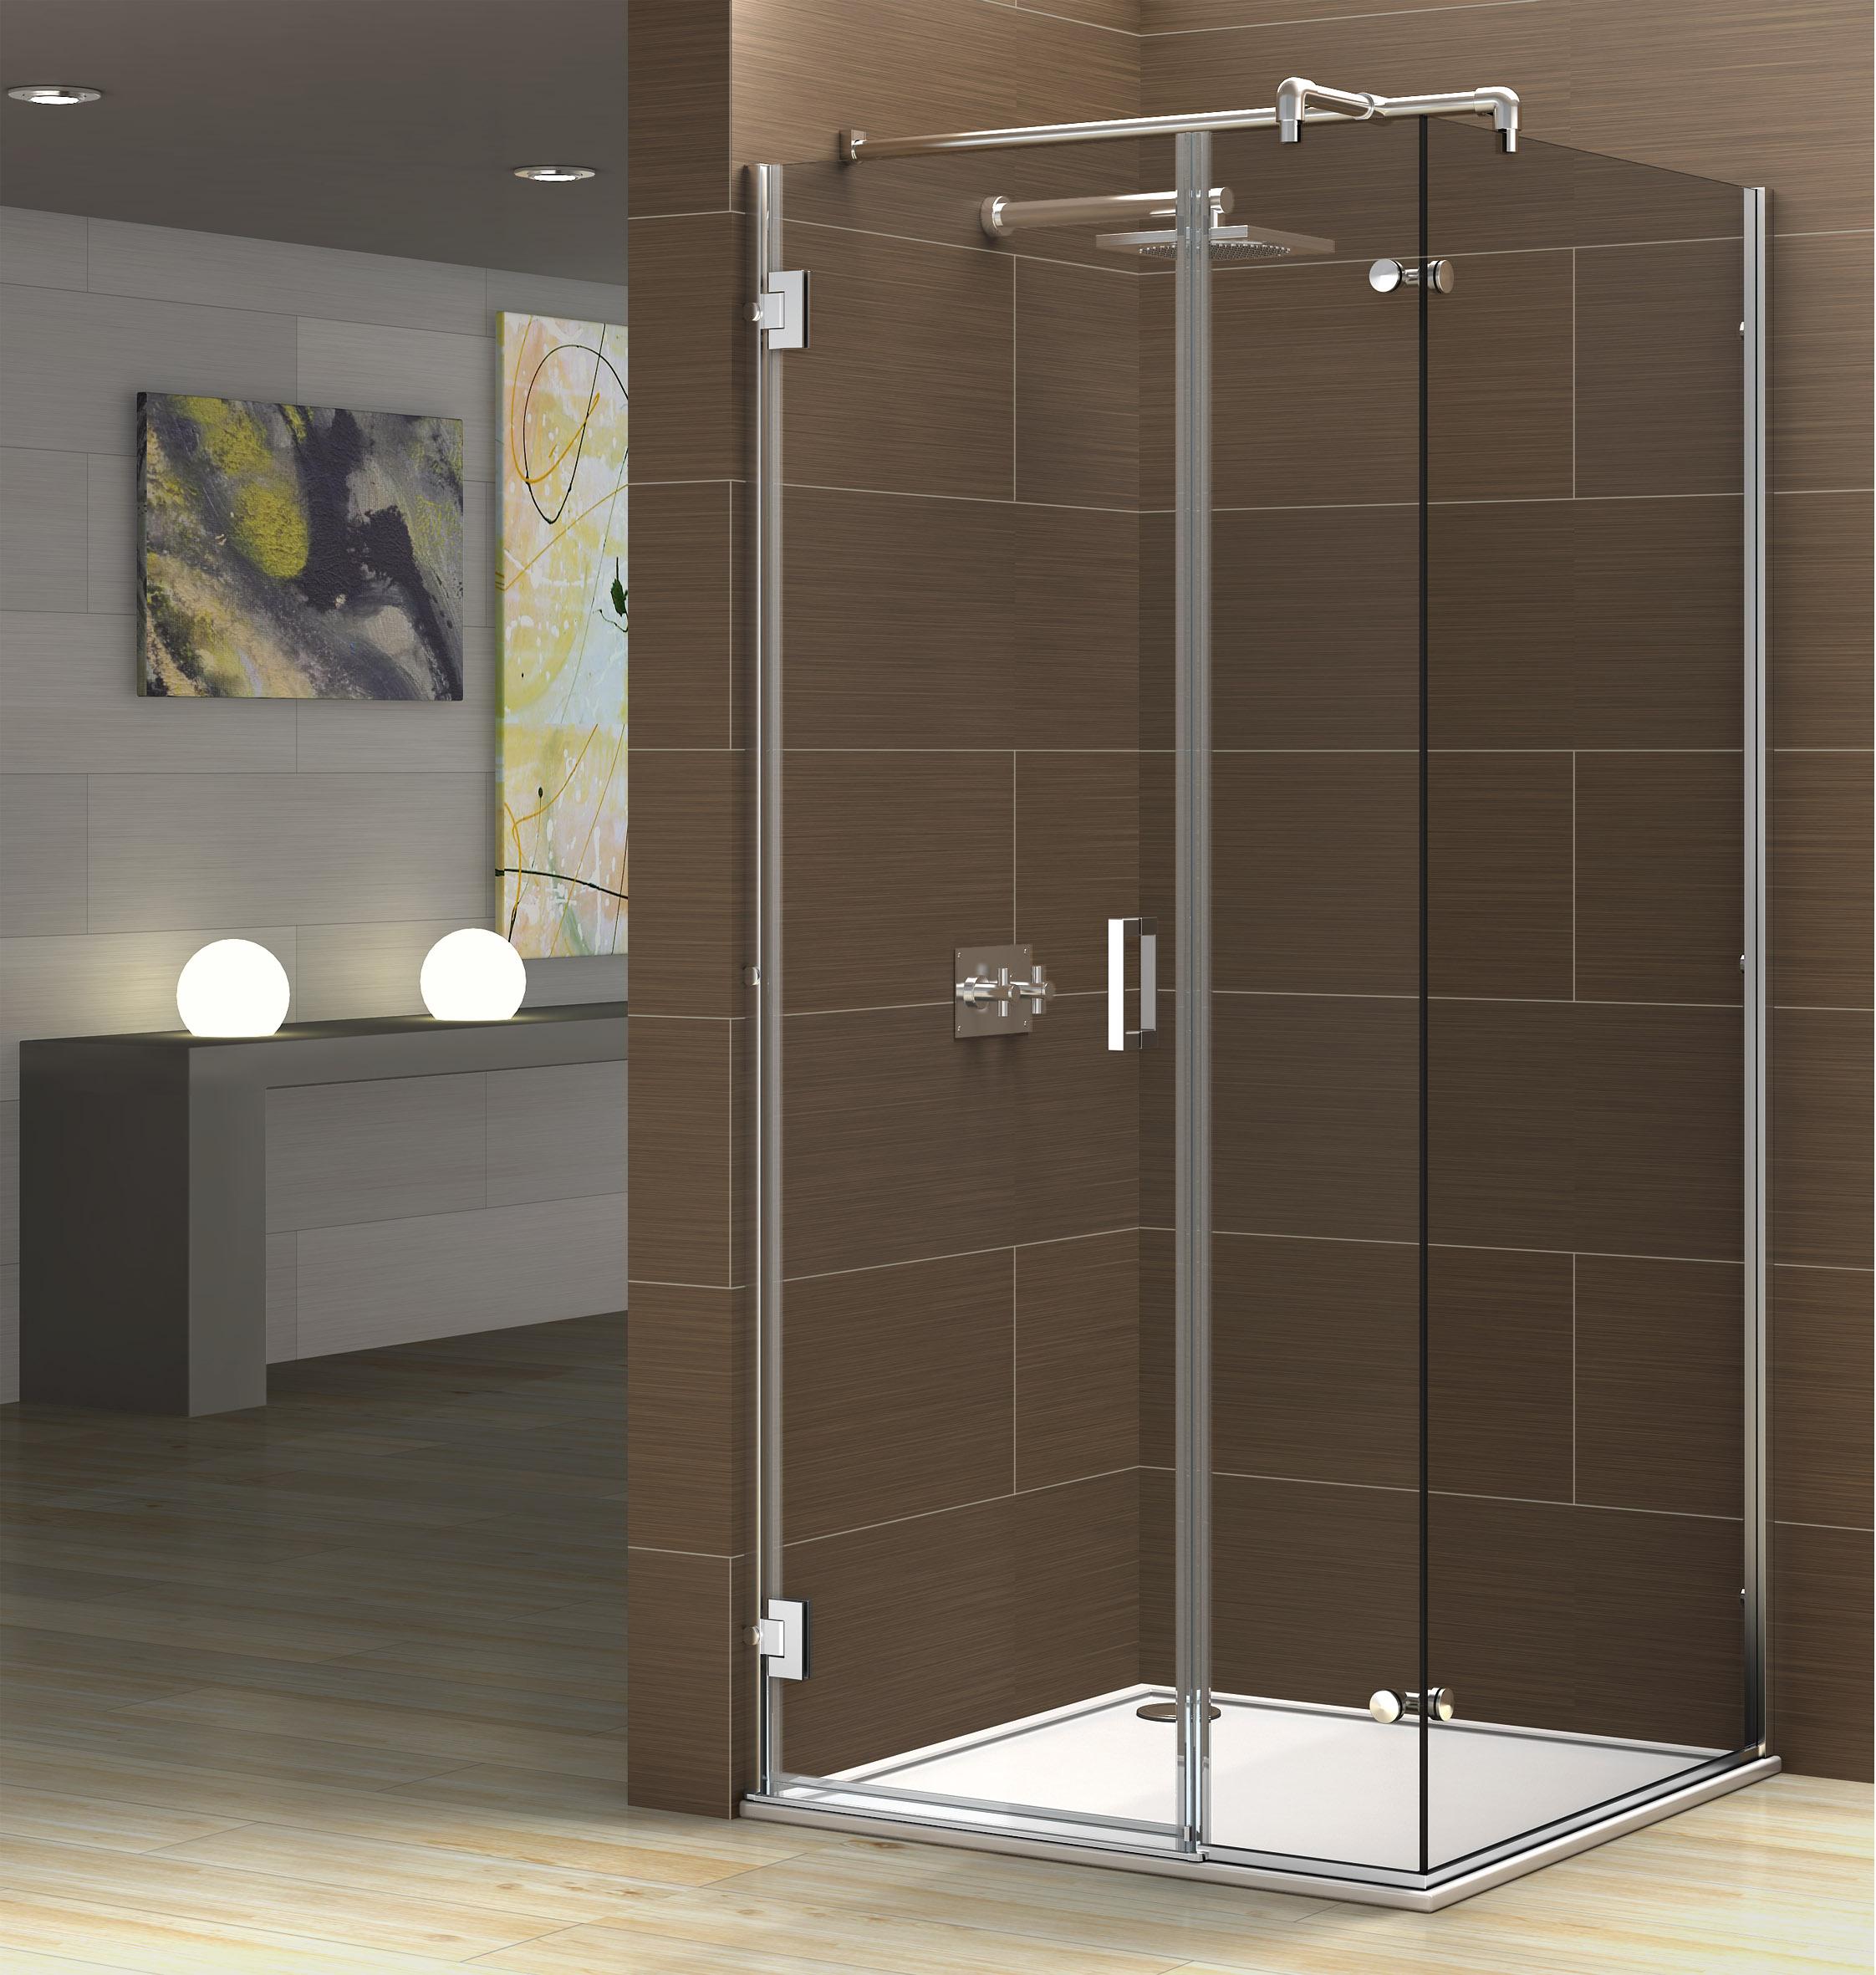 Mamparas angulares muebles de cocina y ba o online en for Mamparas de ducha segunda mano madrid